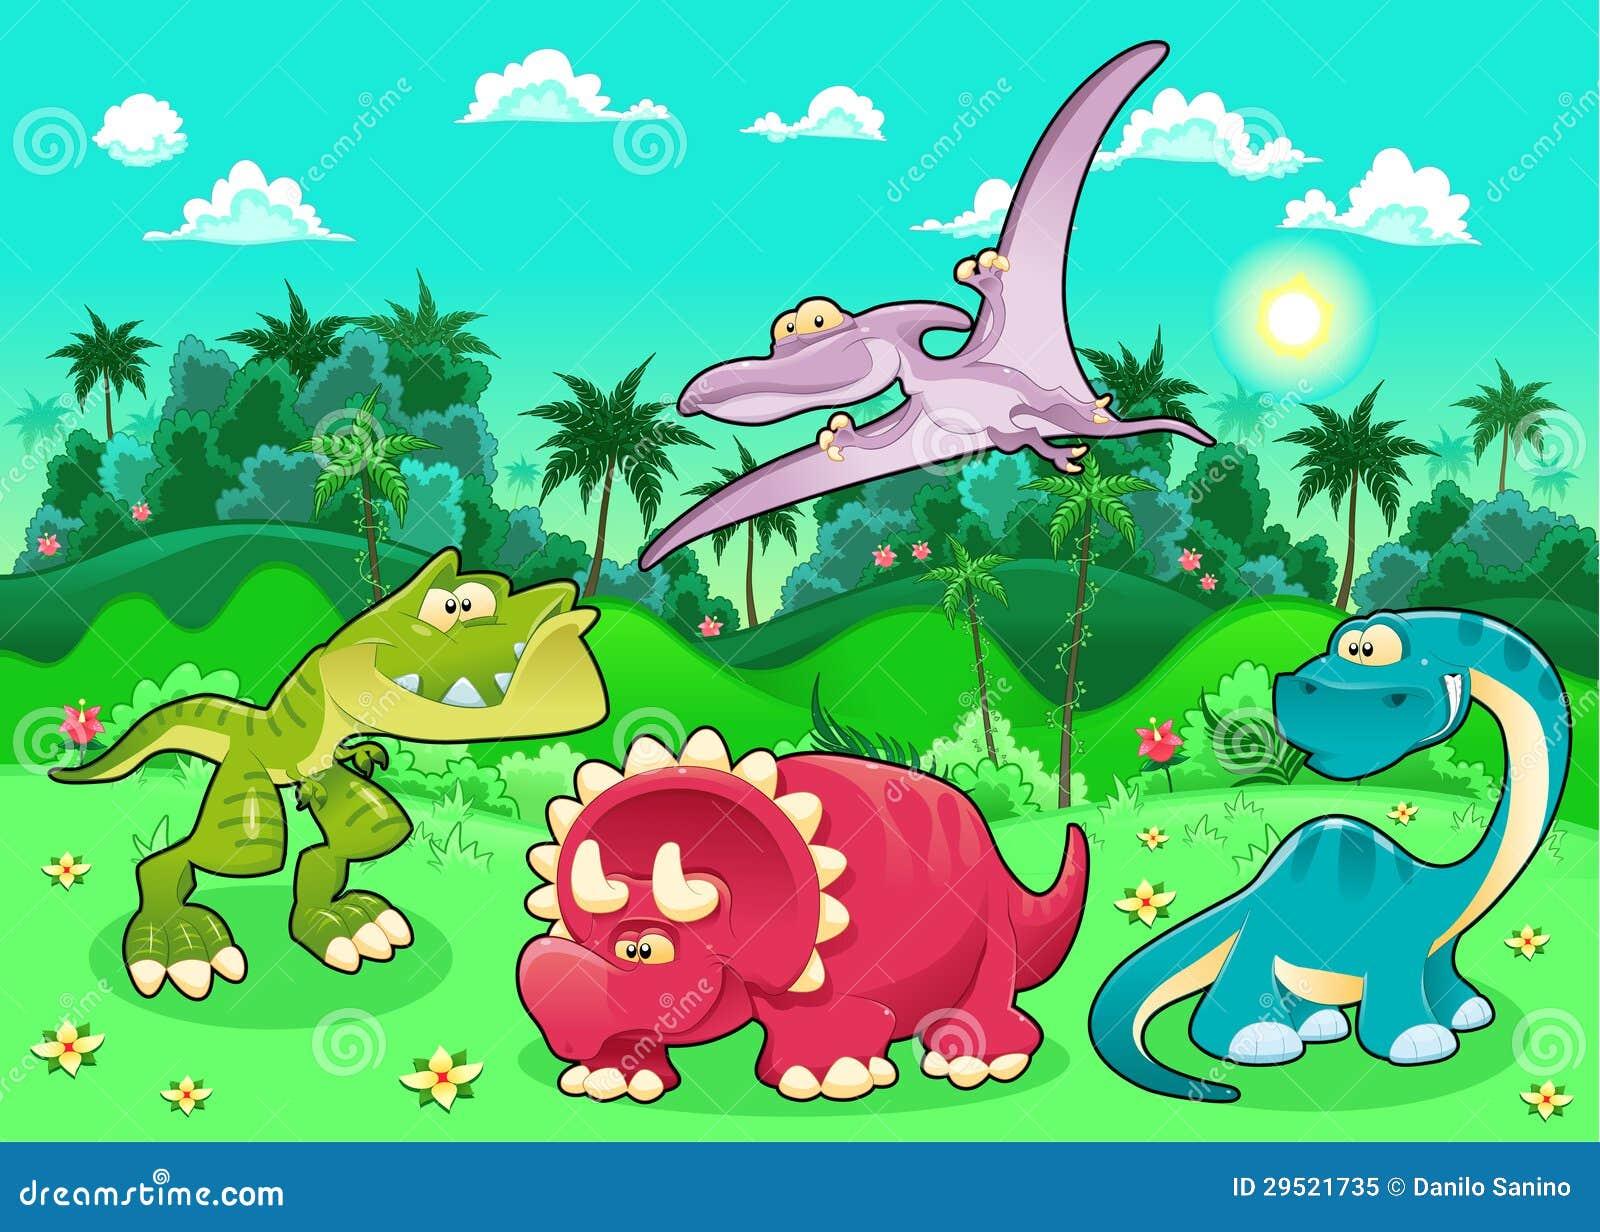 滑稽的恐龙在森林里。